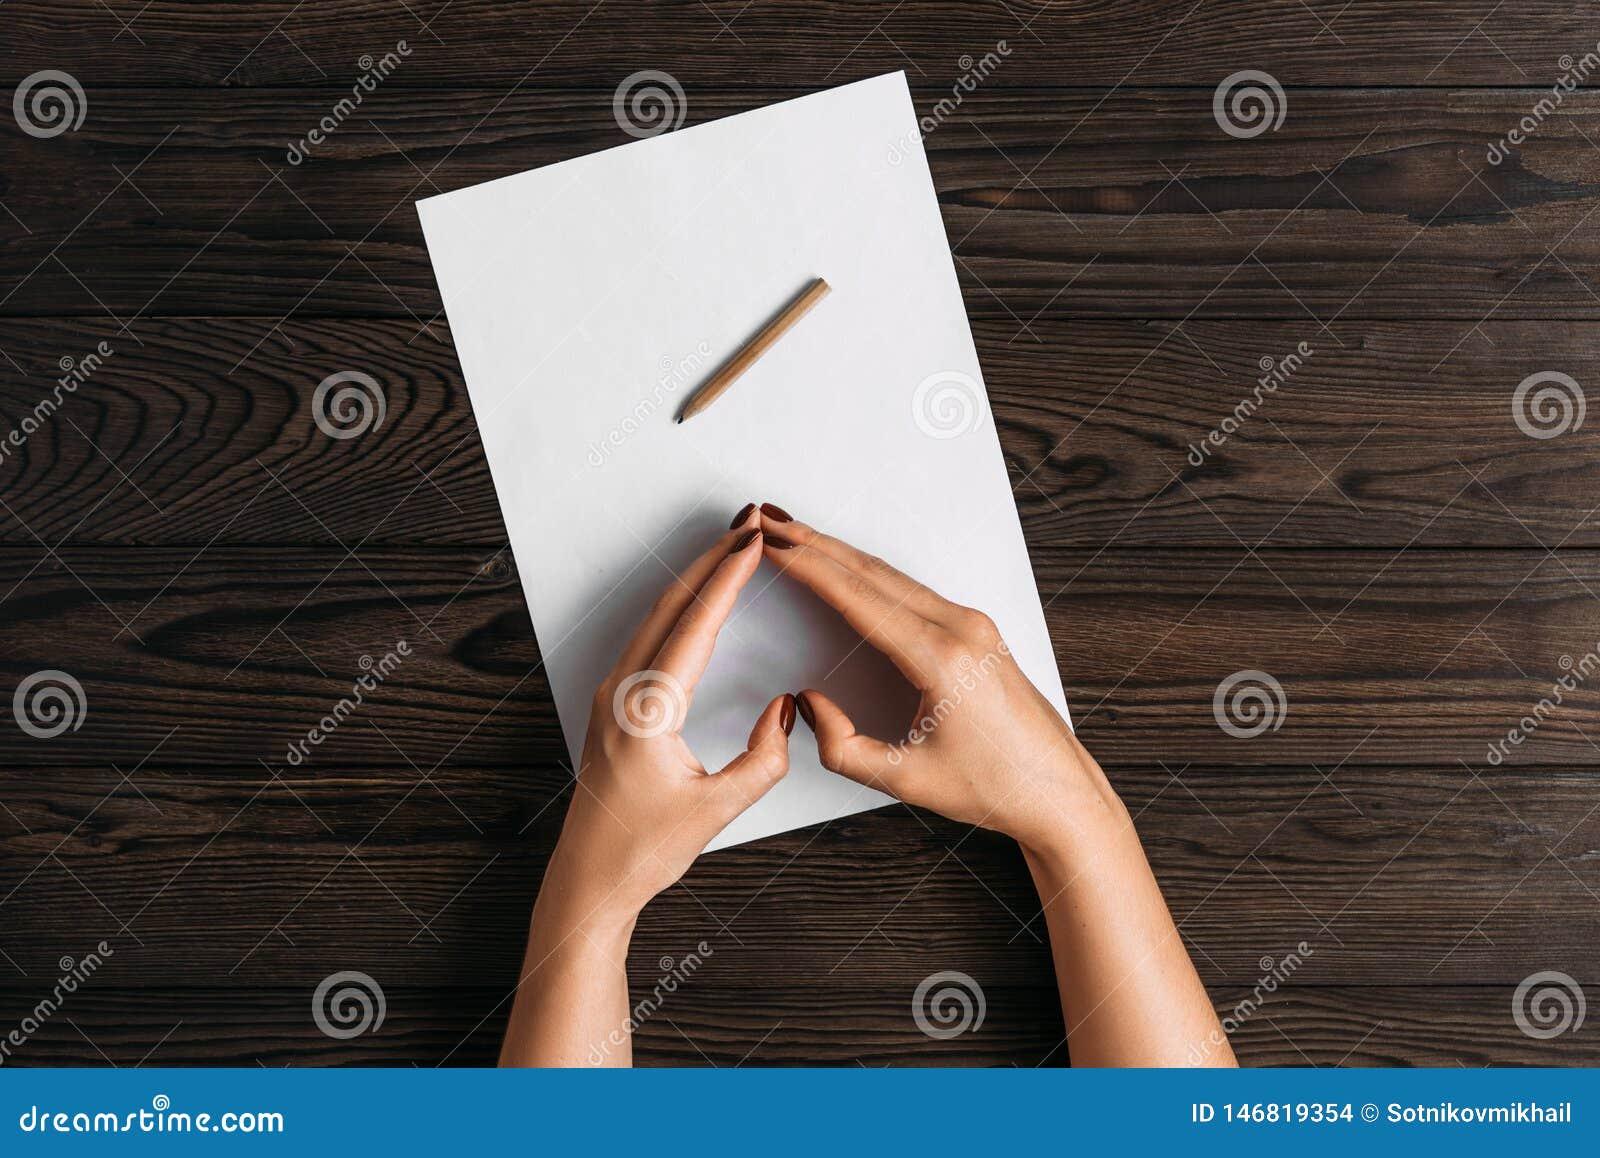 Draufsicht der H?nde der Frauen, bereit, etwas auf ein leeres Blatt Papier zu schreiben liegend auf einem Holztisch Wei?er Leerbe